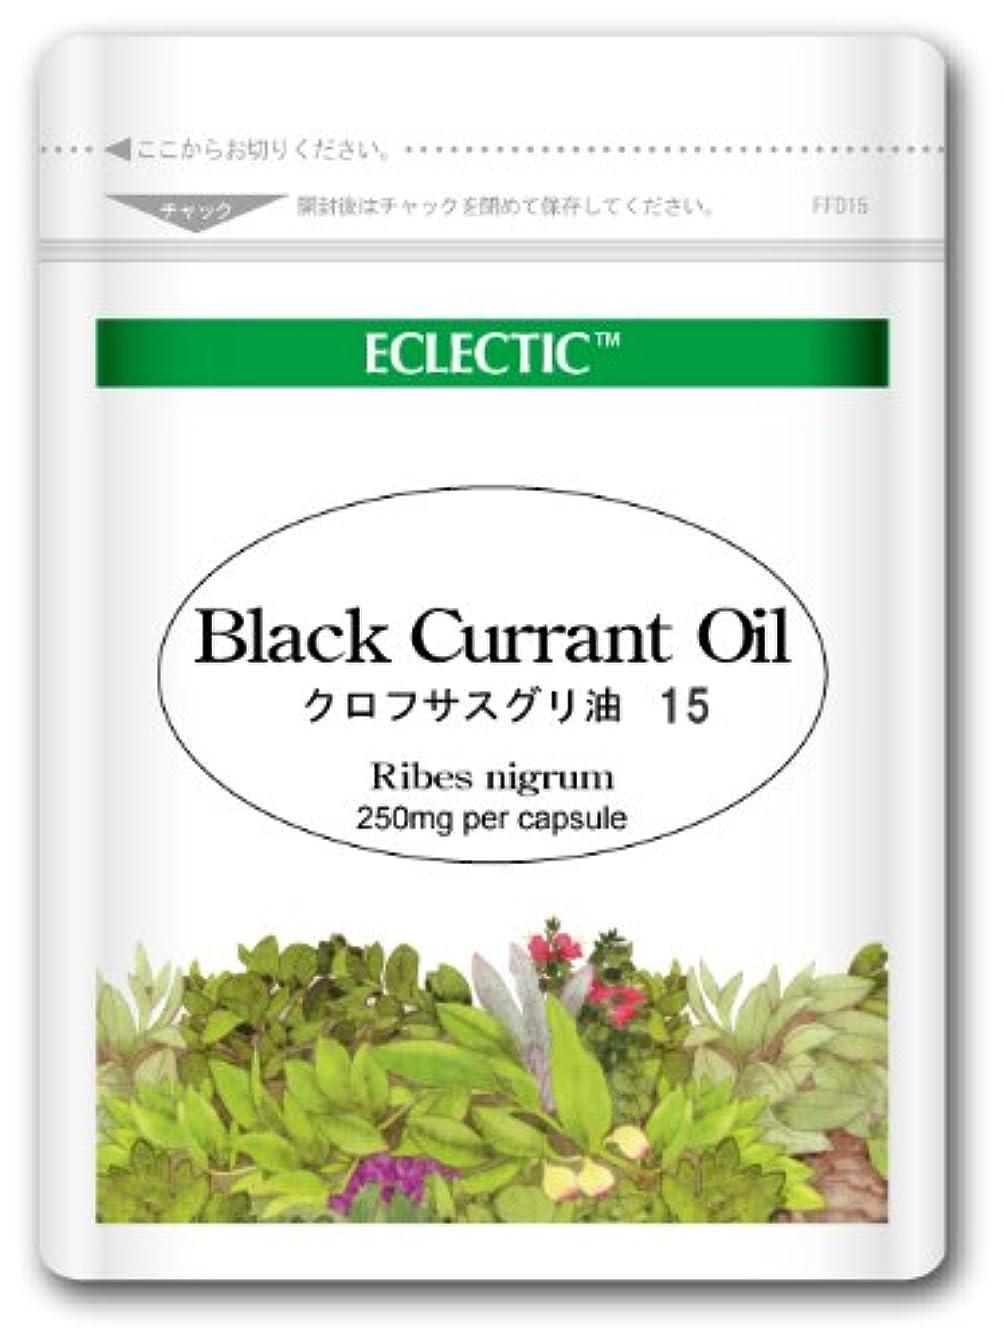 に付けるペア傾いた【クロフサスグリ油 (Black Currant Oil) オイル 250mg 15カプセル Ecoパック / エクレクティック】